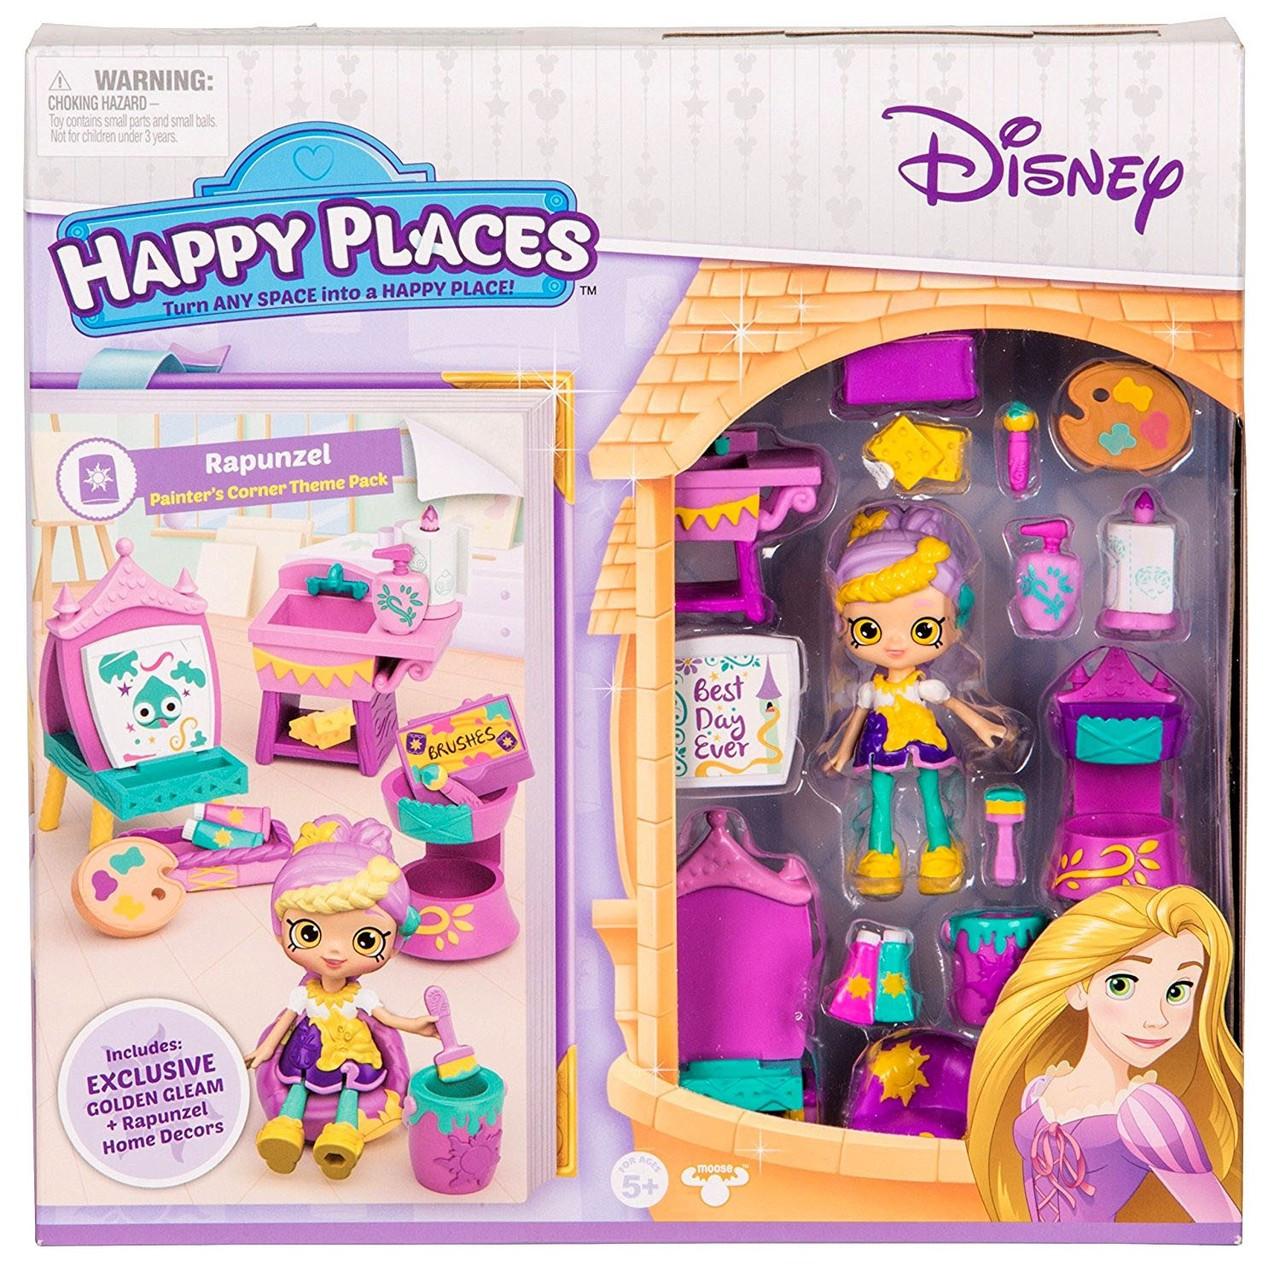 Disney Happy Places Rapunzel Painters Corner Theme Pack ...